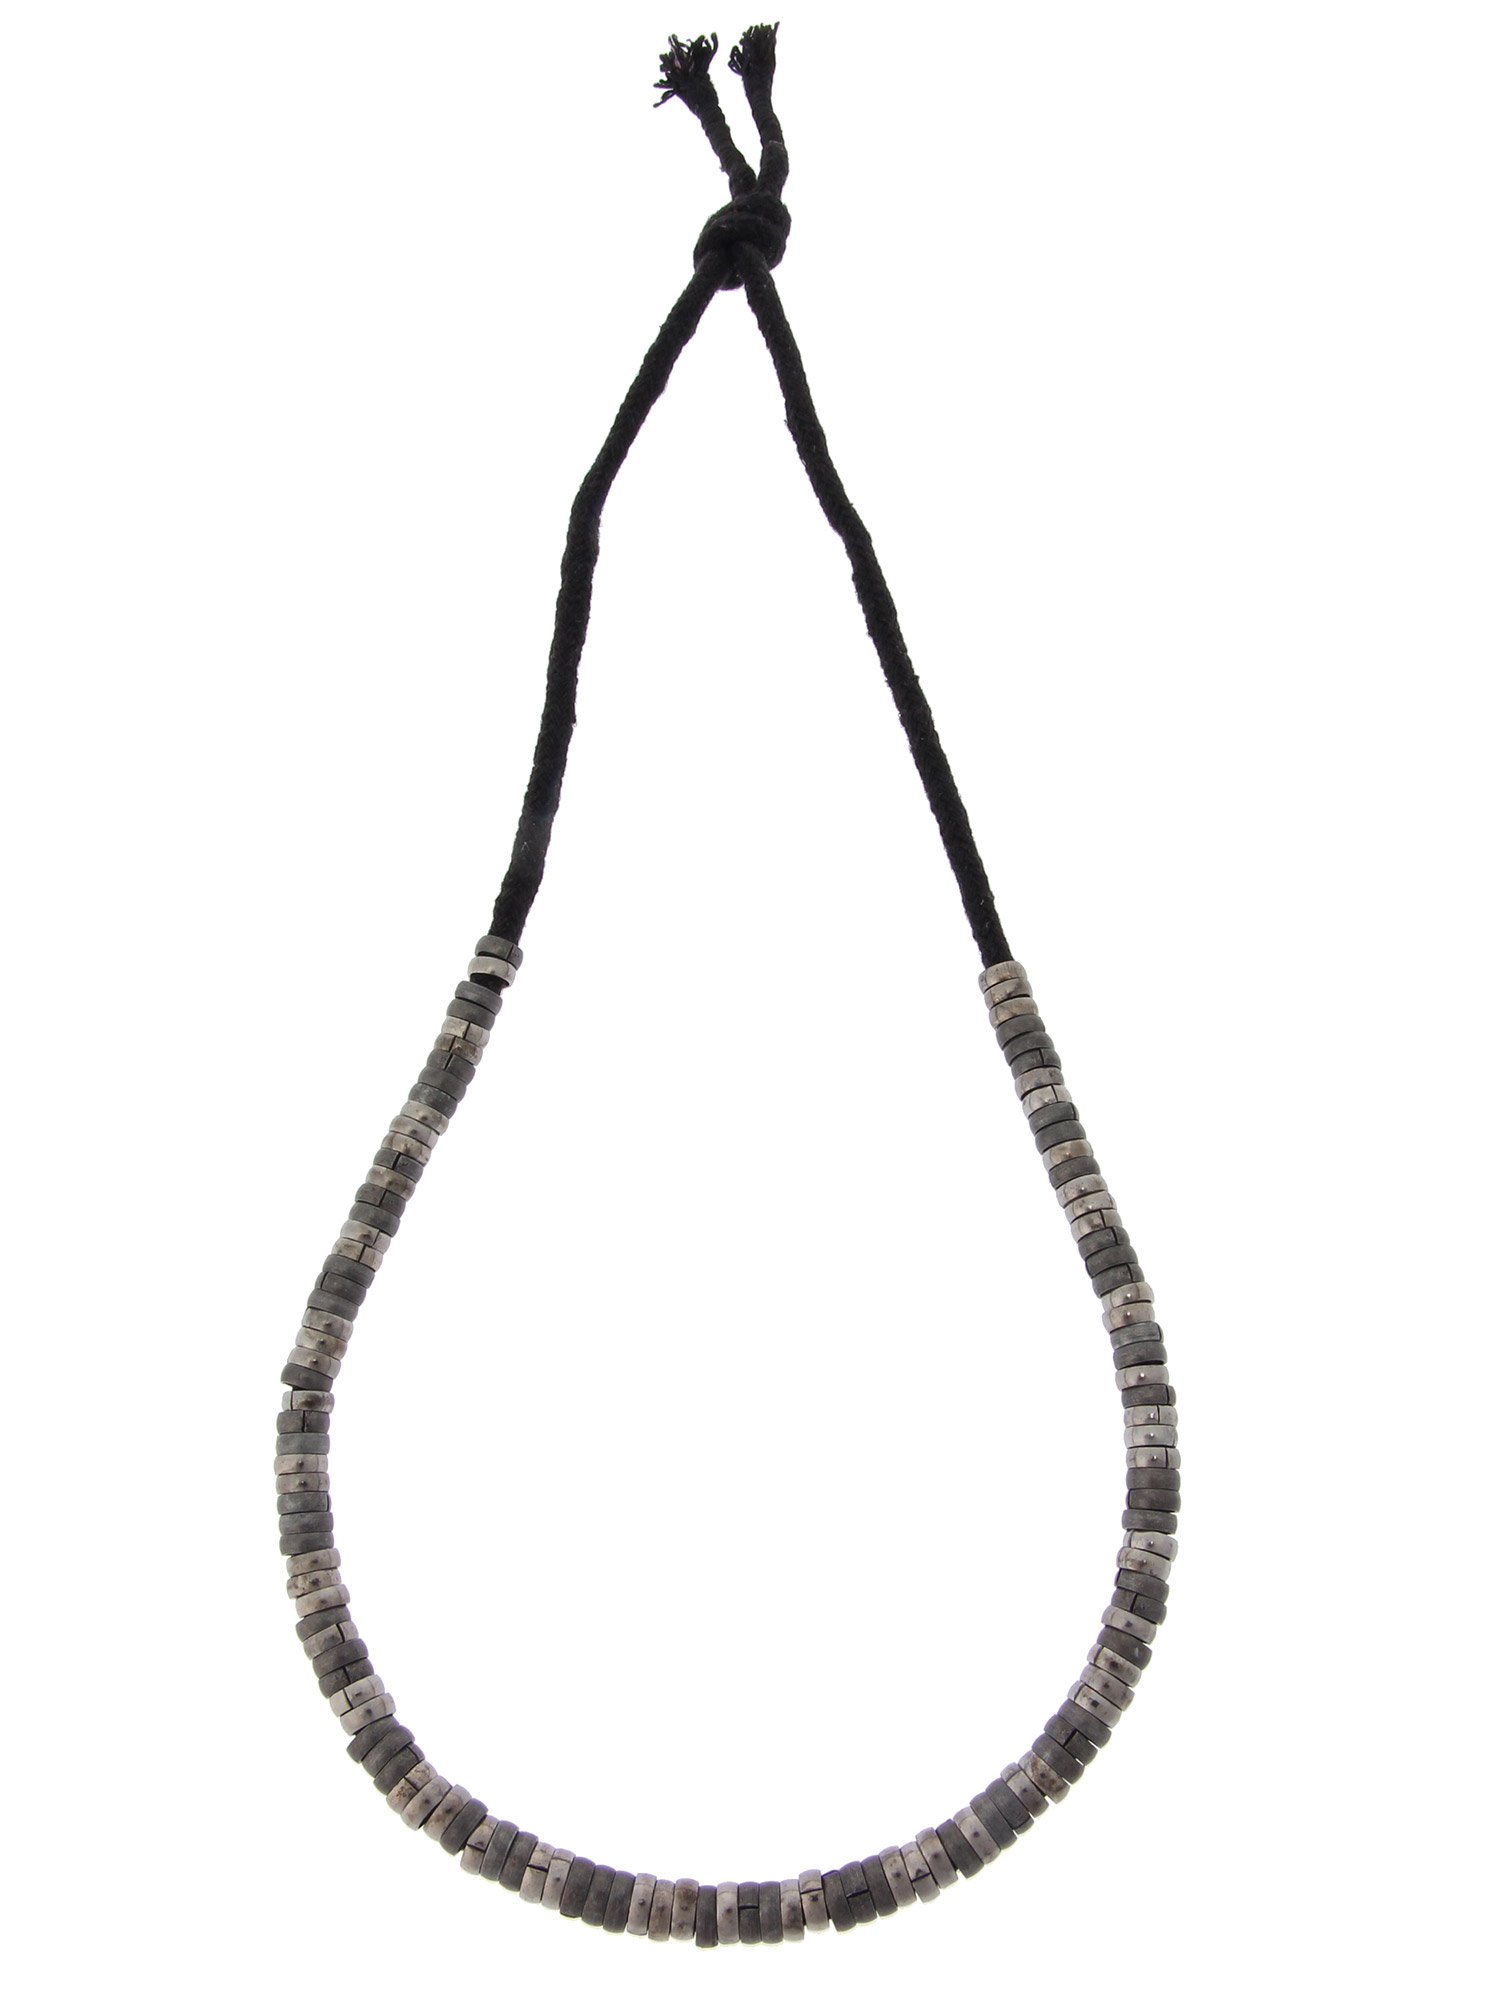 WEGO/ロープメタルミックスネックレス